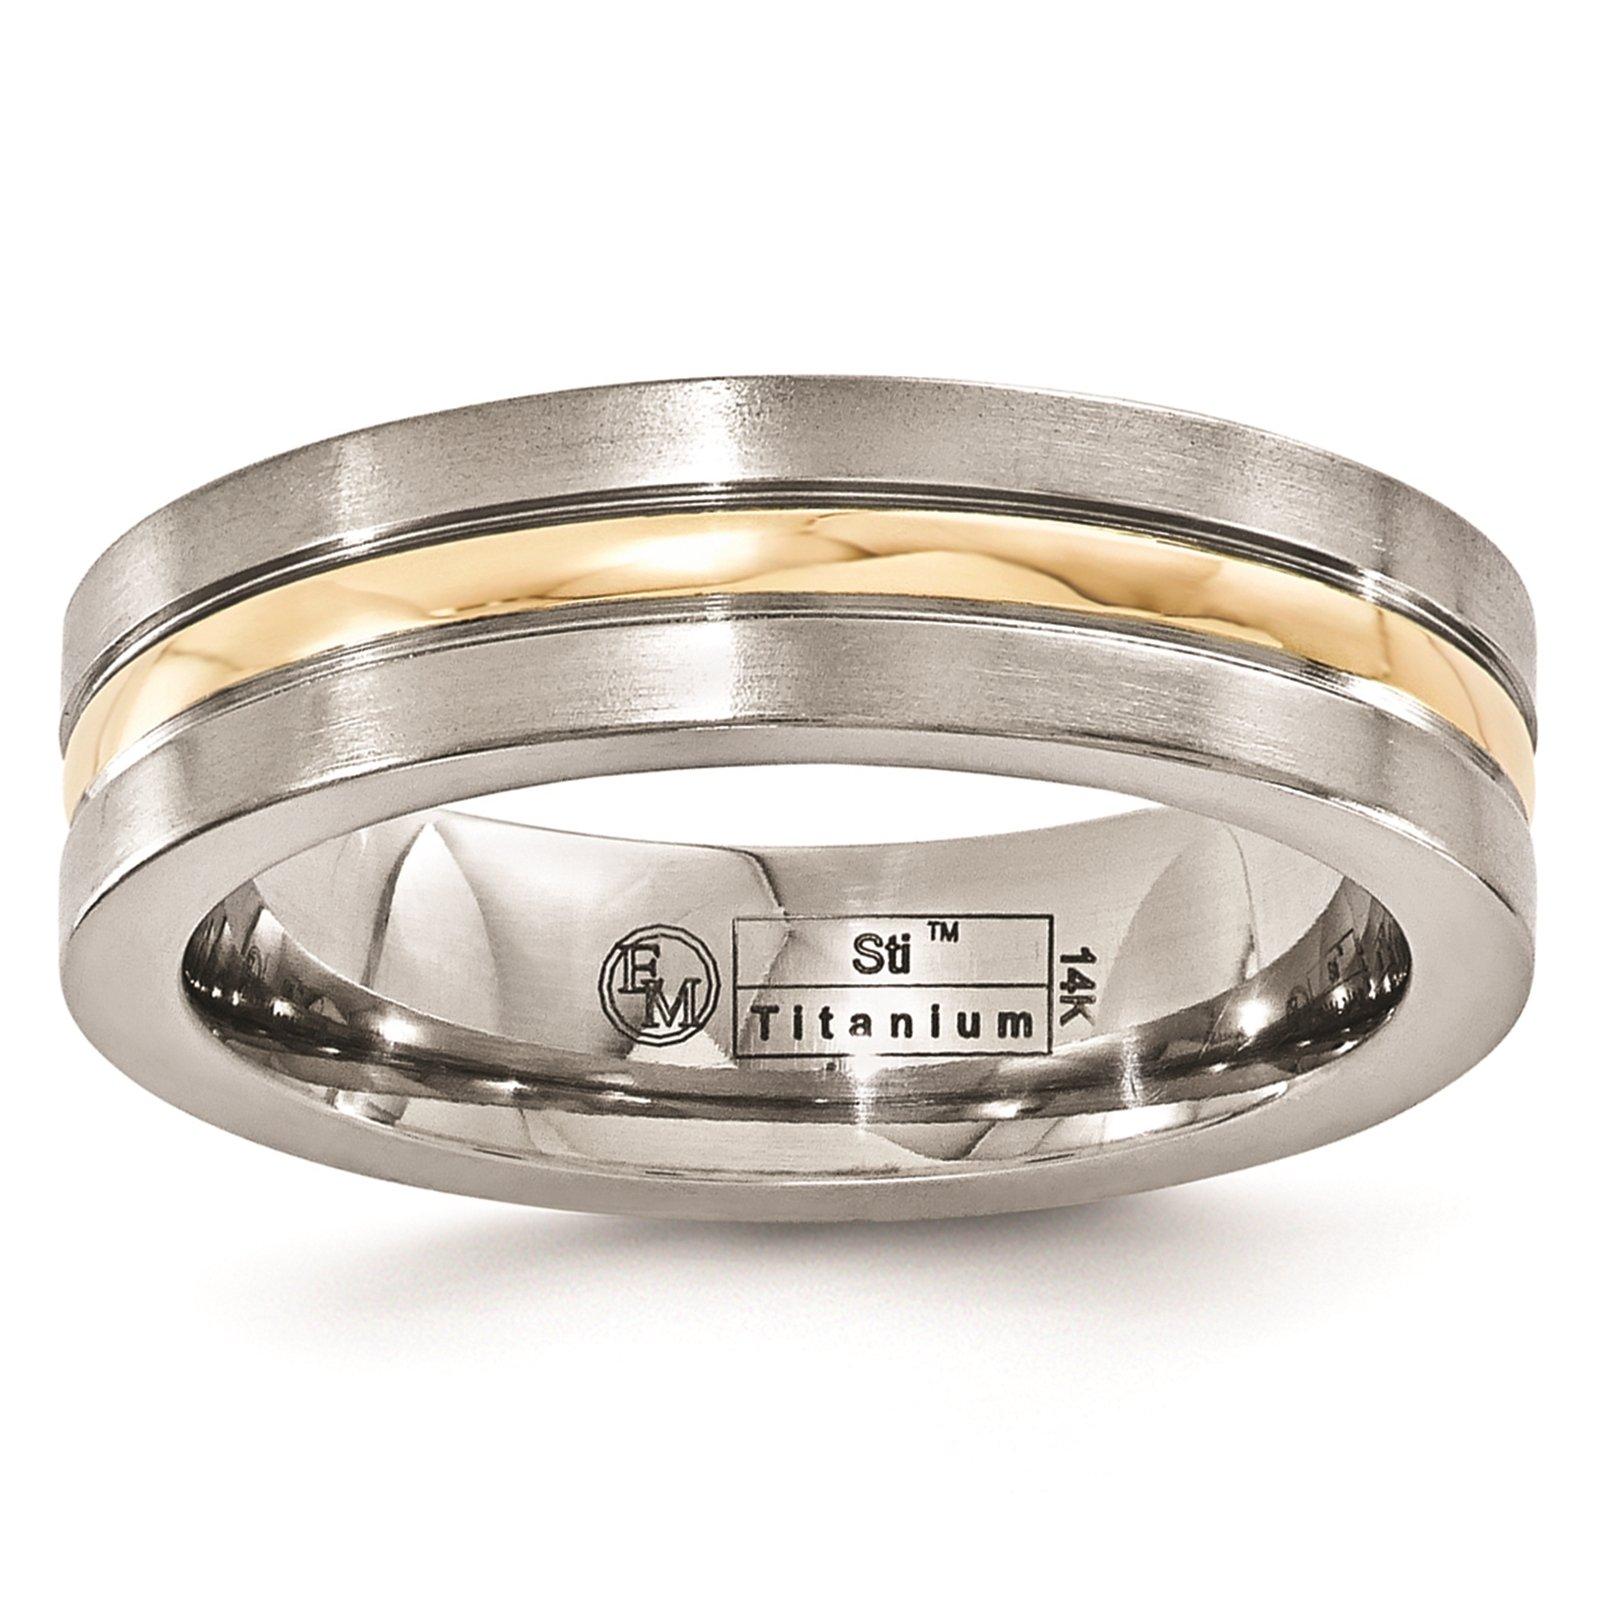 Titanium w/14K Gold Inlay Polished & Brushed Finish Grooved 6mm Wedding Band Size 9.5 by Edward Mirell